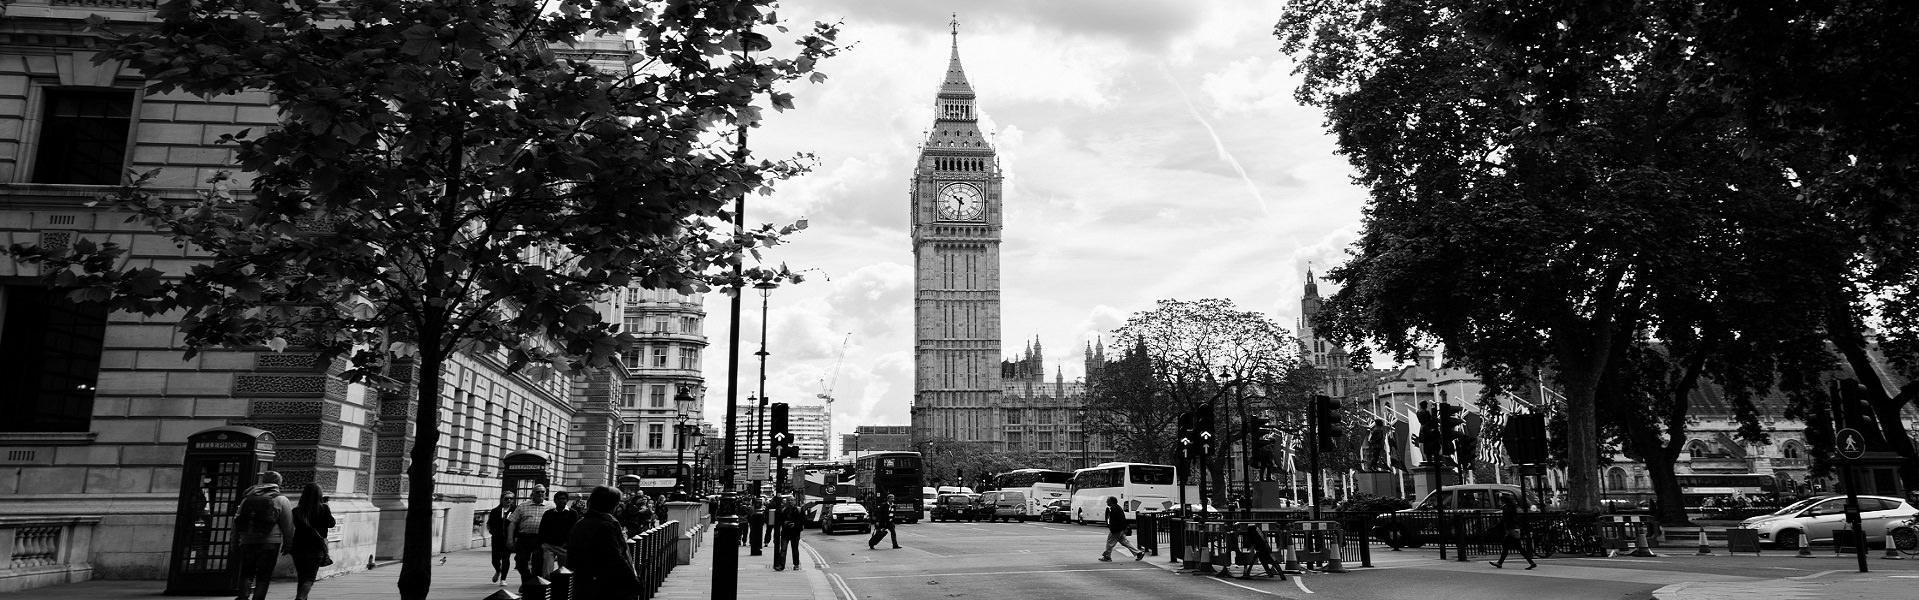 EG Chauffeurs driven tours london